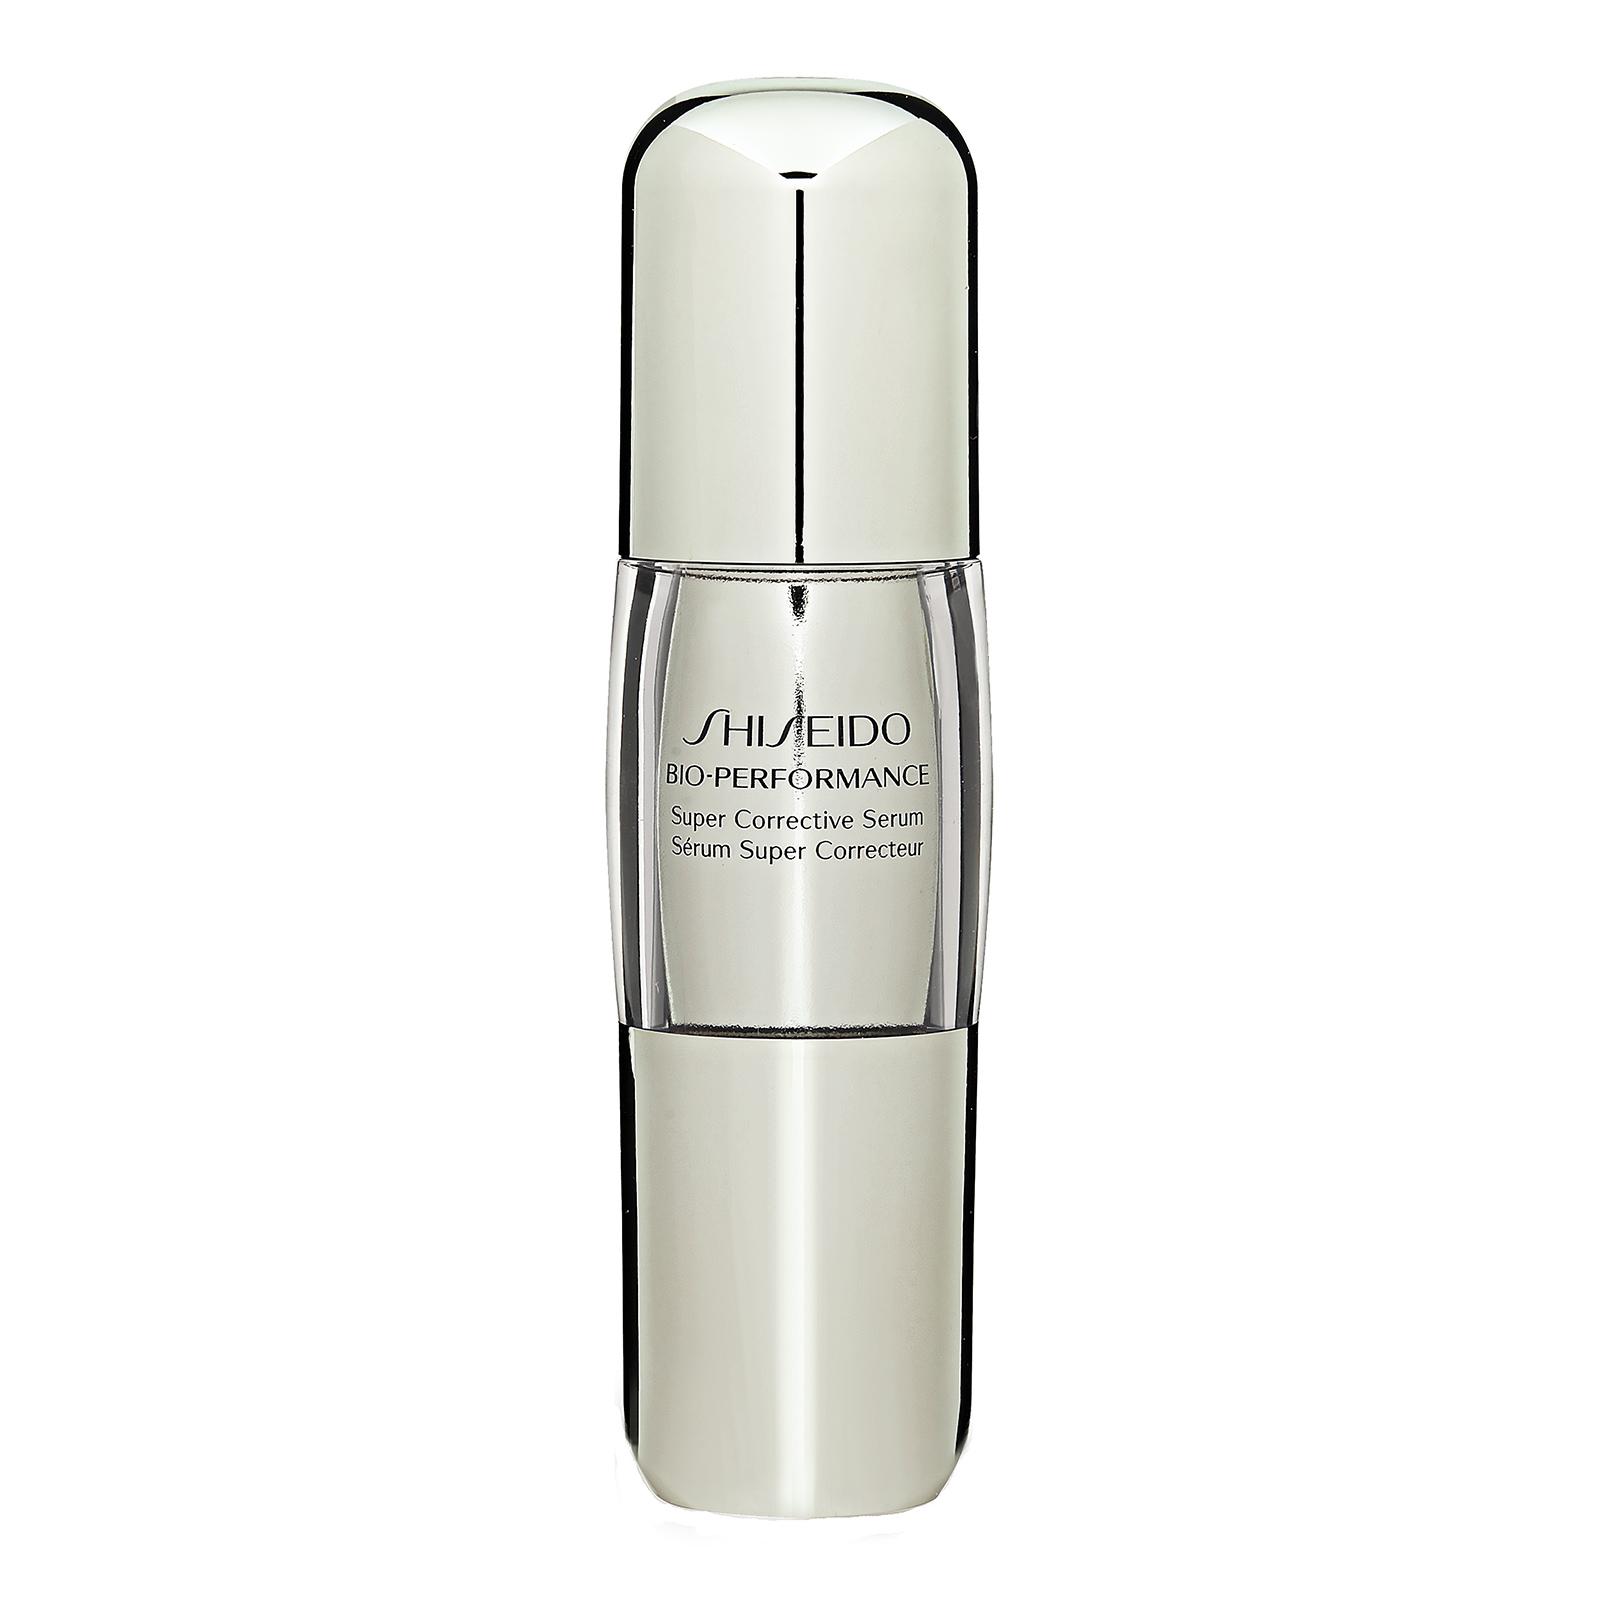 Shiseido Bio-Performance  Super Corrective Serum 1oz, 30ml from Cosme-De.com